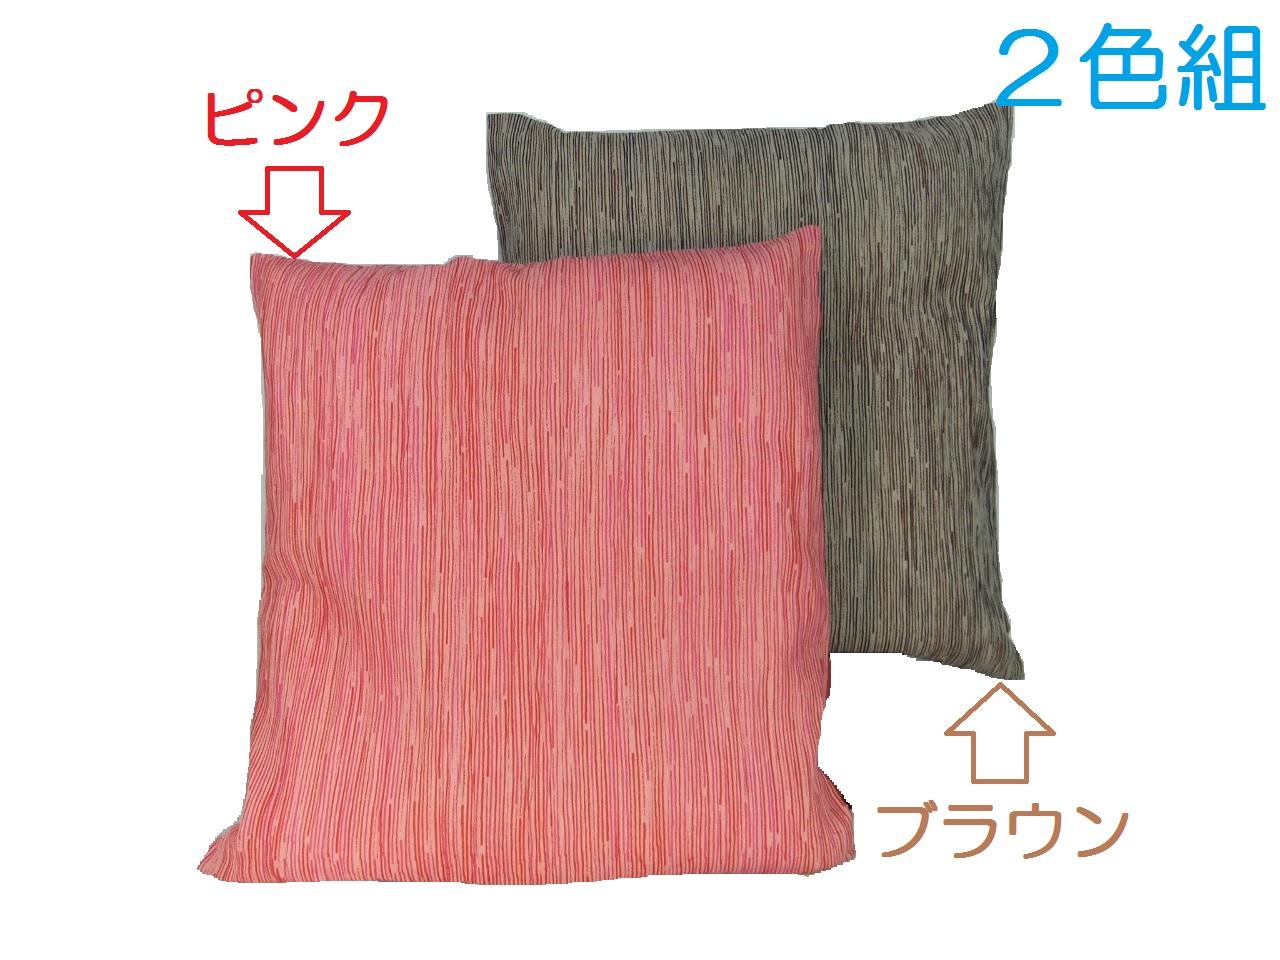 ちぢみ座布団カバー2色組 縞柄 安心の日本製 582